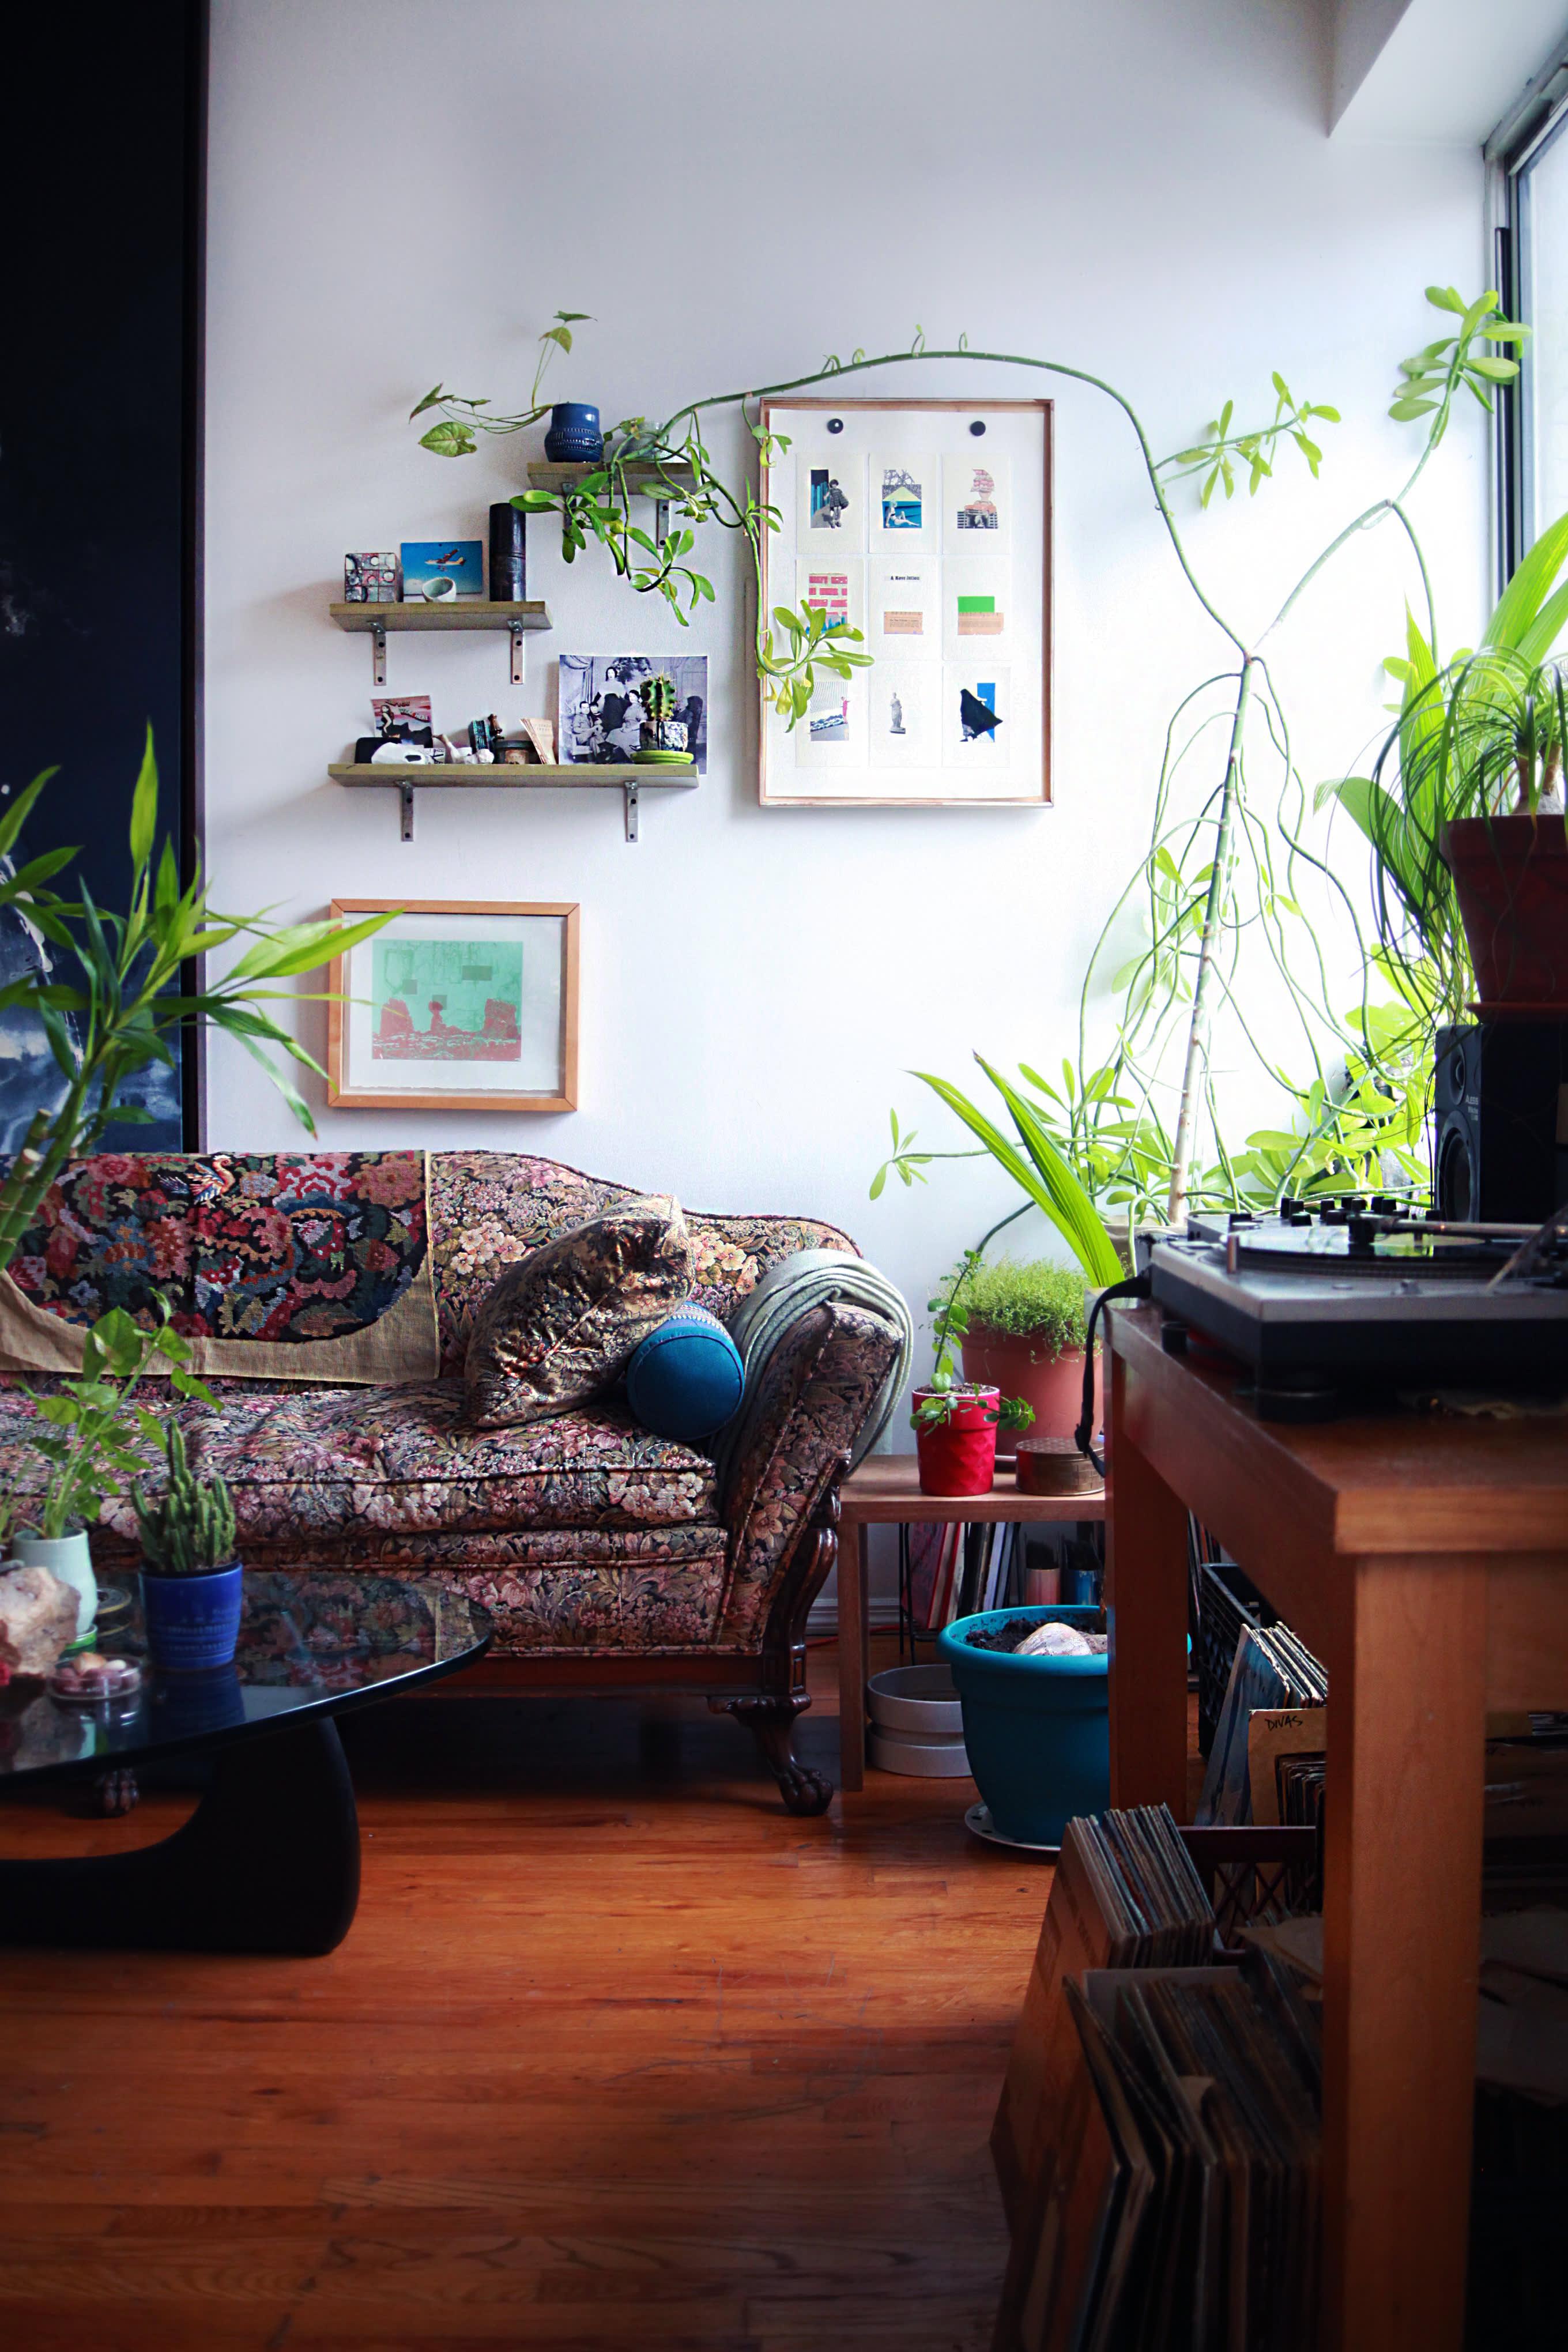 Brooklyn Tour: A Multi-Media Artist's Plant-FIlled Loft